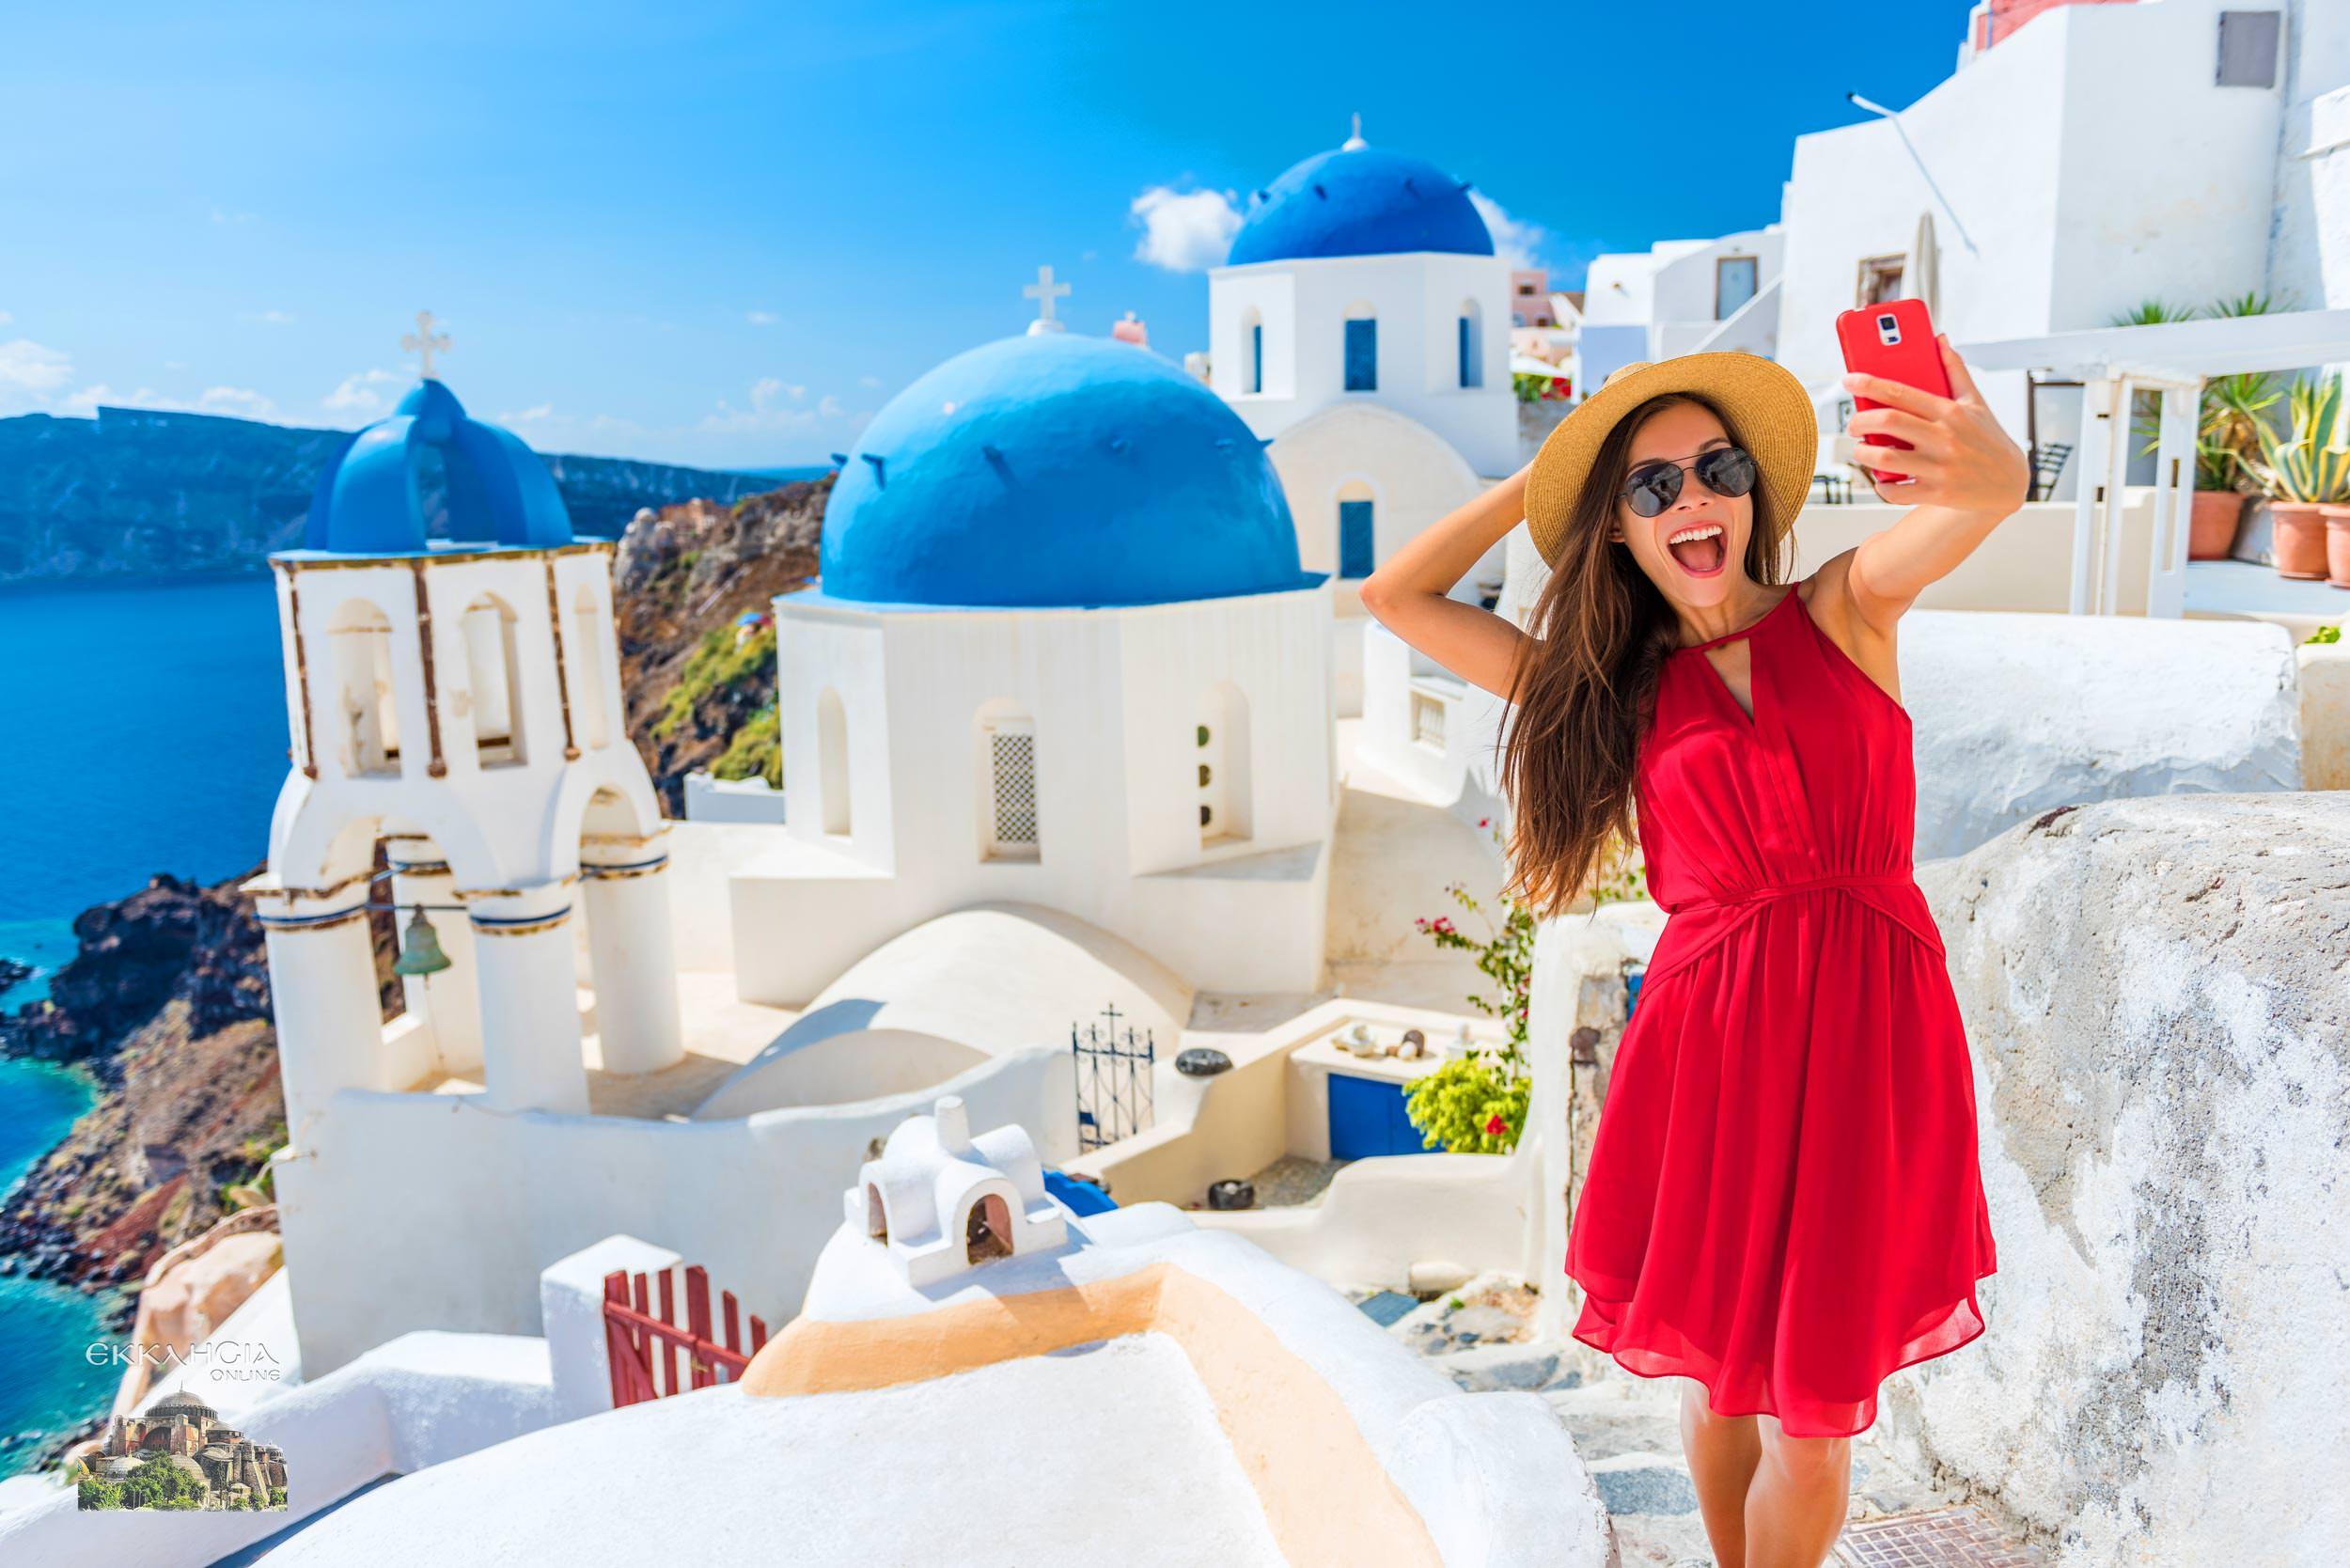 Καλοκαίρι Τουρισμός Ελλάδα Σαντορίνη Διακοπές Κοπέλα Φόρεμα 2020